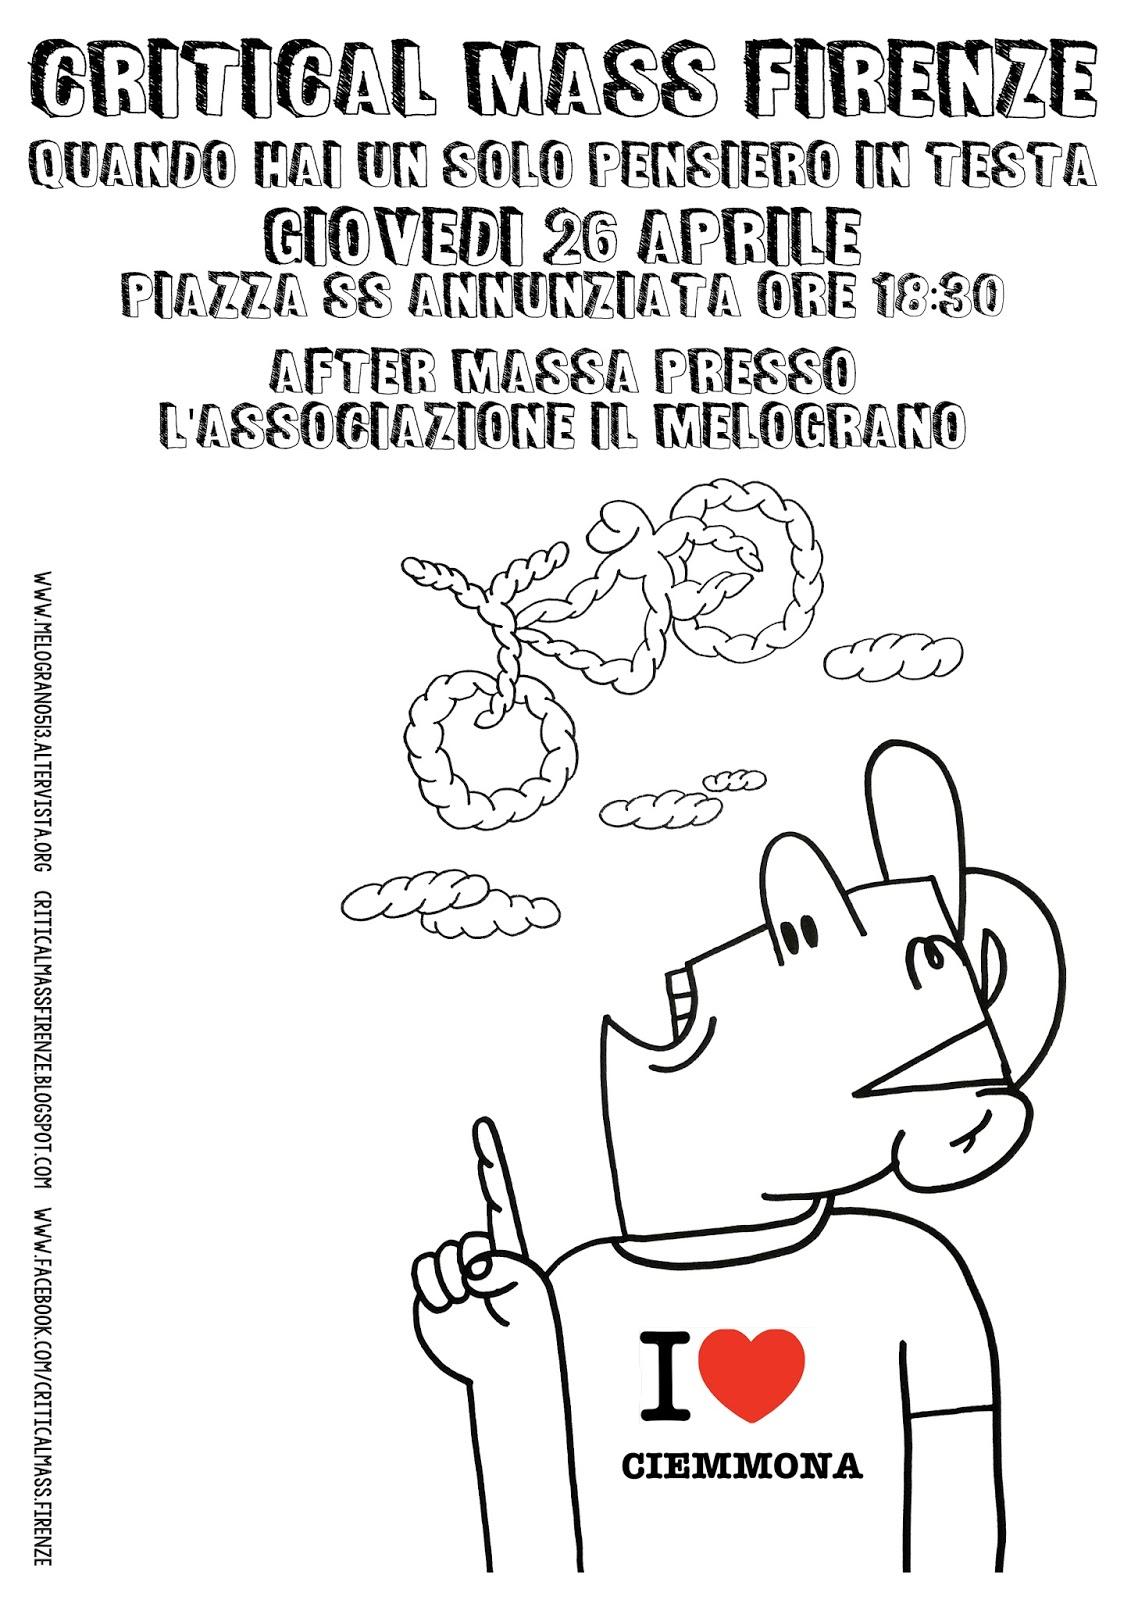 Volantino Critical Mass Firenze